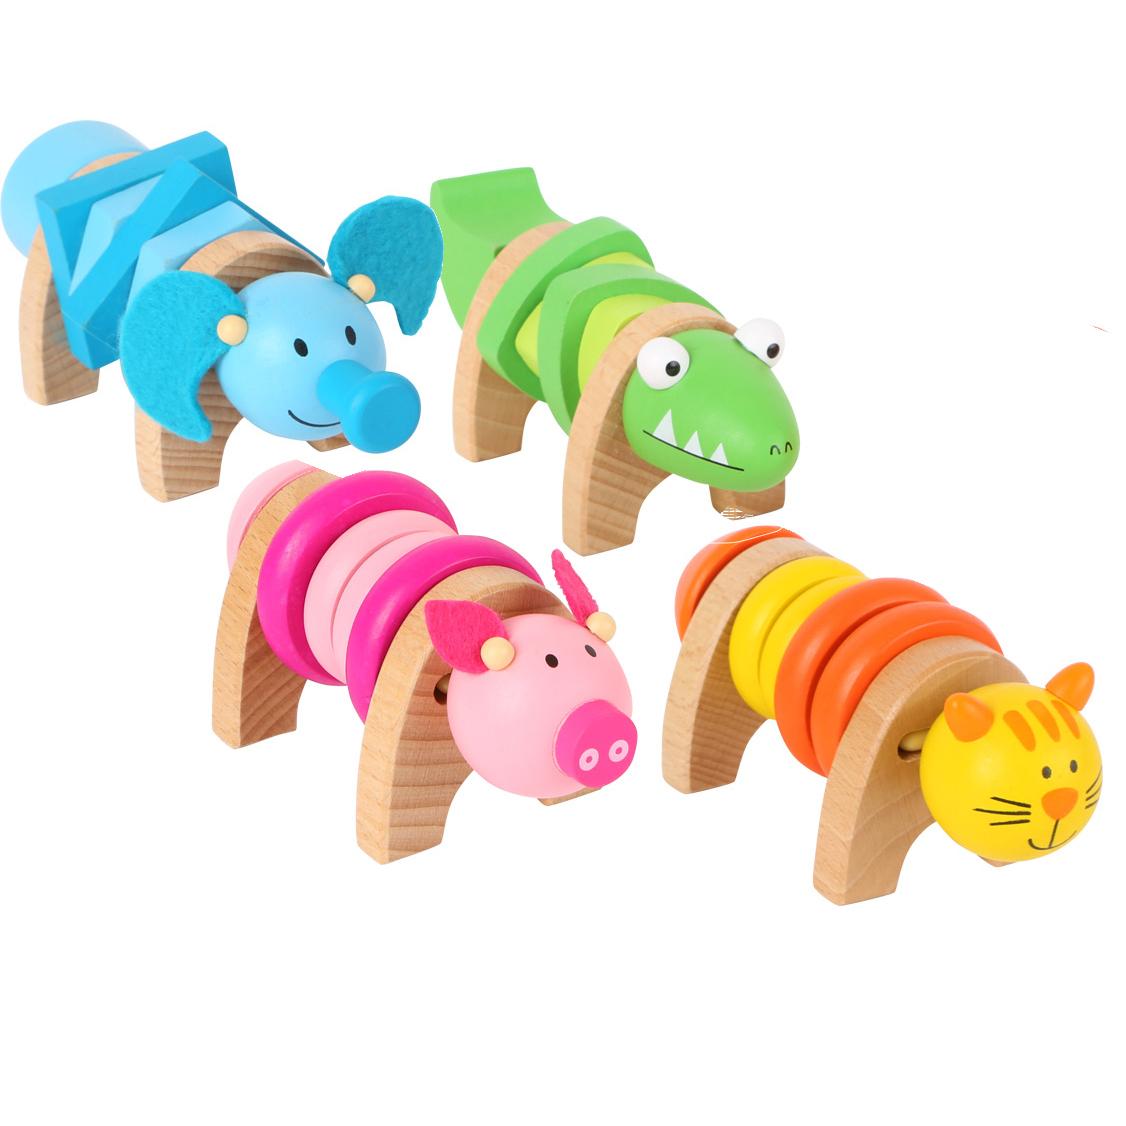 Animali in legno da avvitare